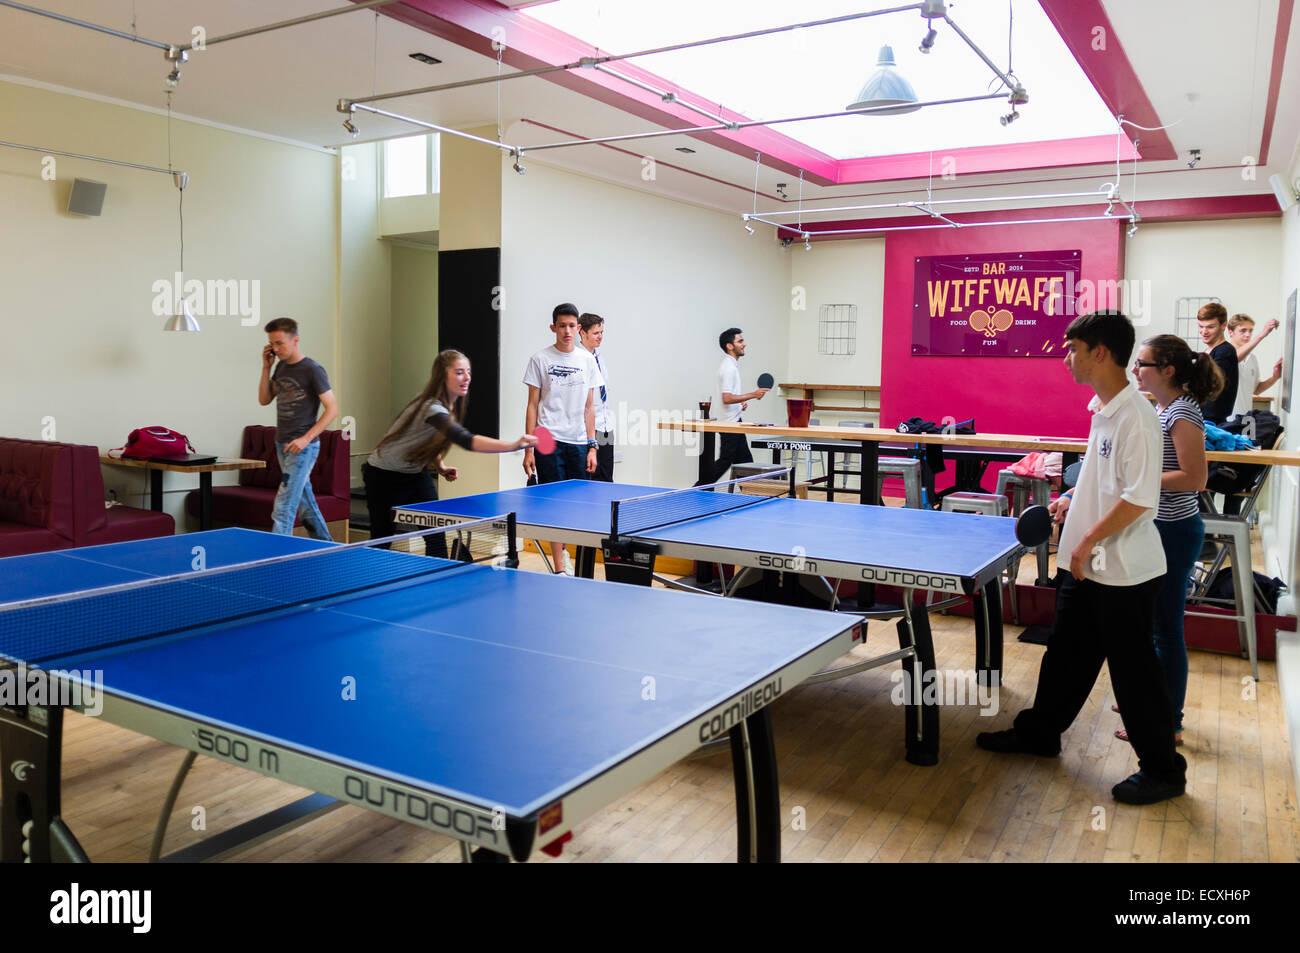 """Adolescentes jugando al tenis de mesa en y después de la escuela en el club """"Wiff Waff Bar', un tenis Imagen De Stock"""